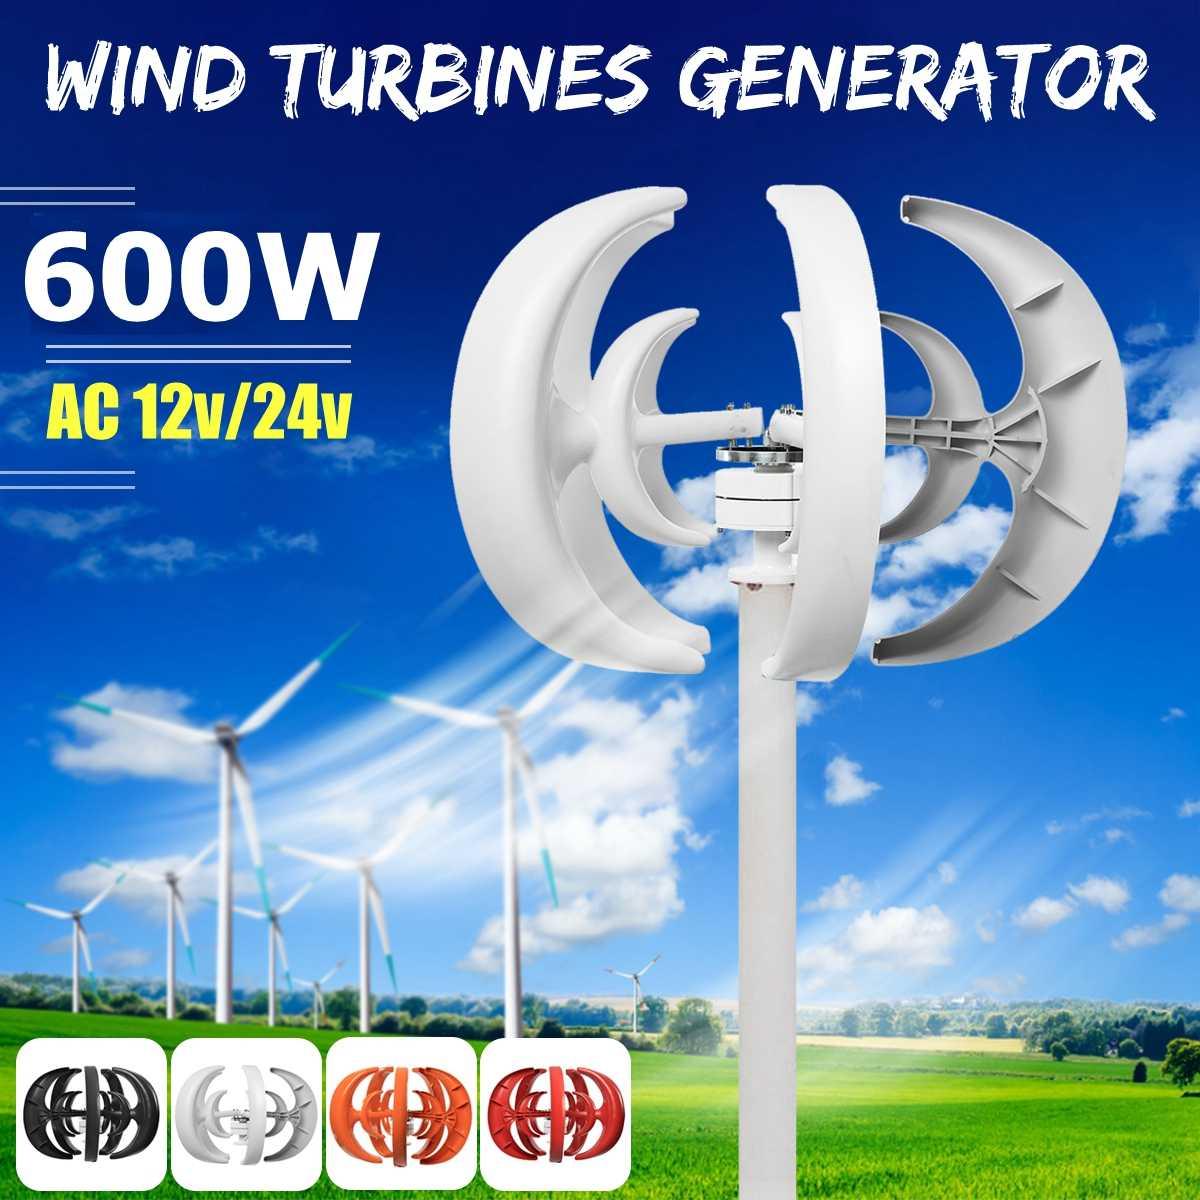 Max 800W AC 12V 24V vent T urbine générateur lanterne 5 lames moteur Kit axe Vertical pour usage résidentiel de réverbère domestique